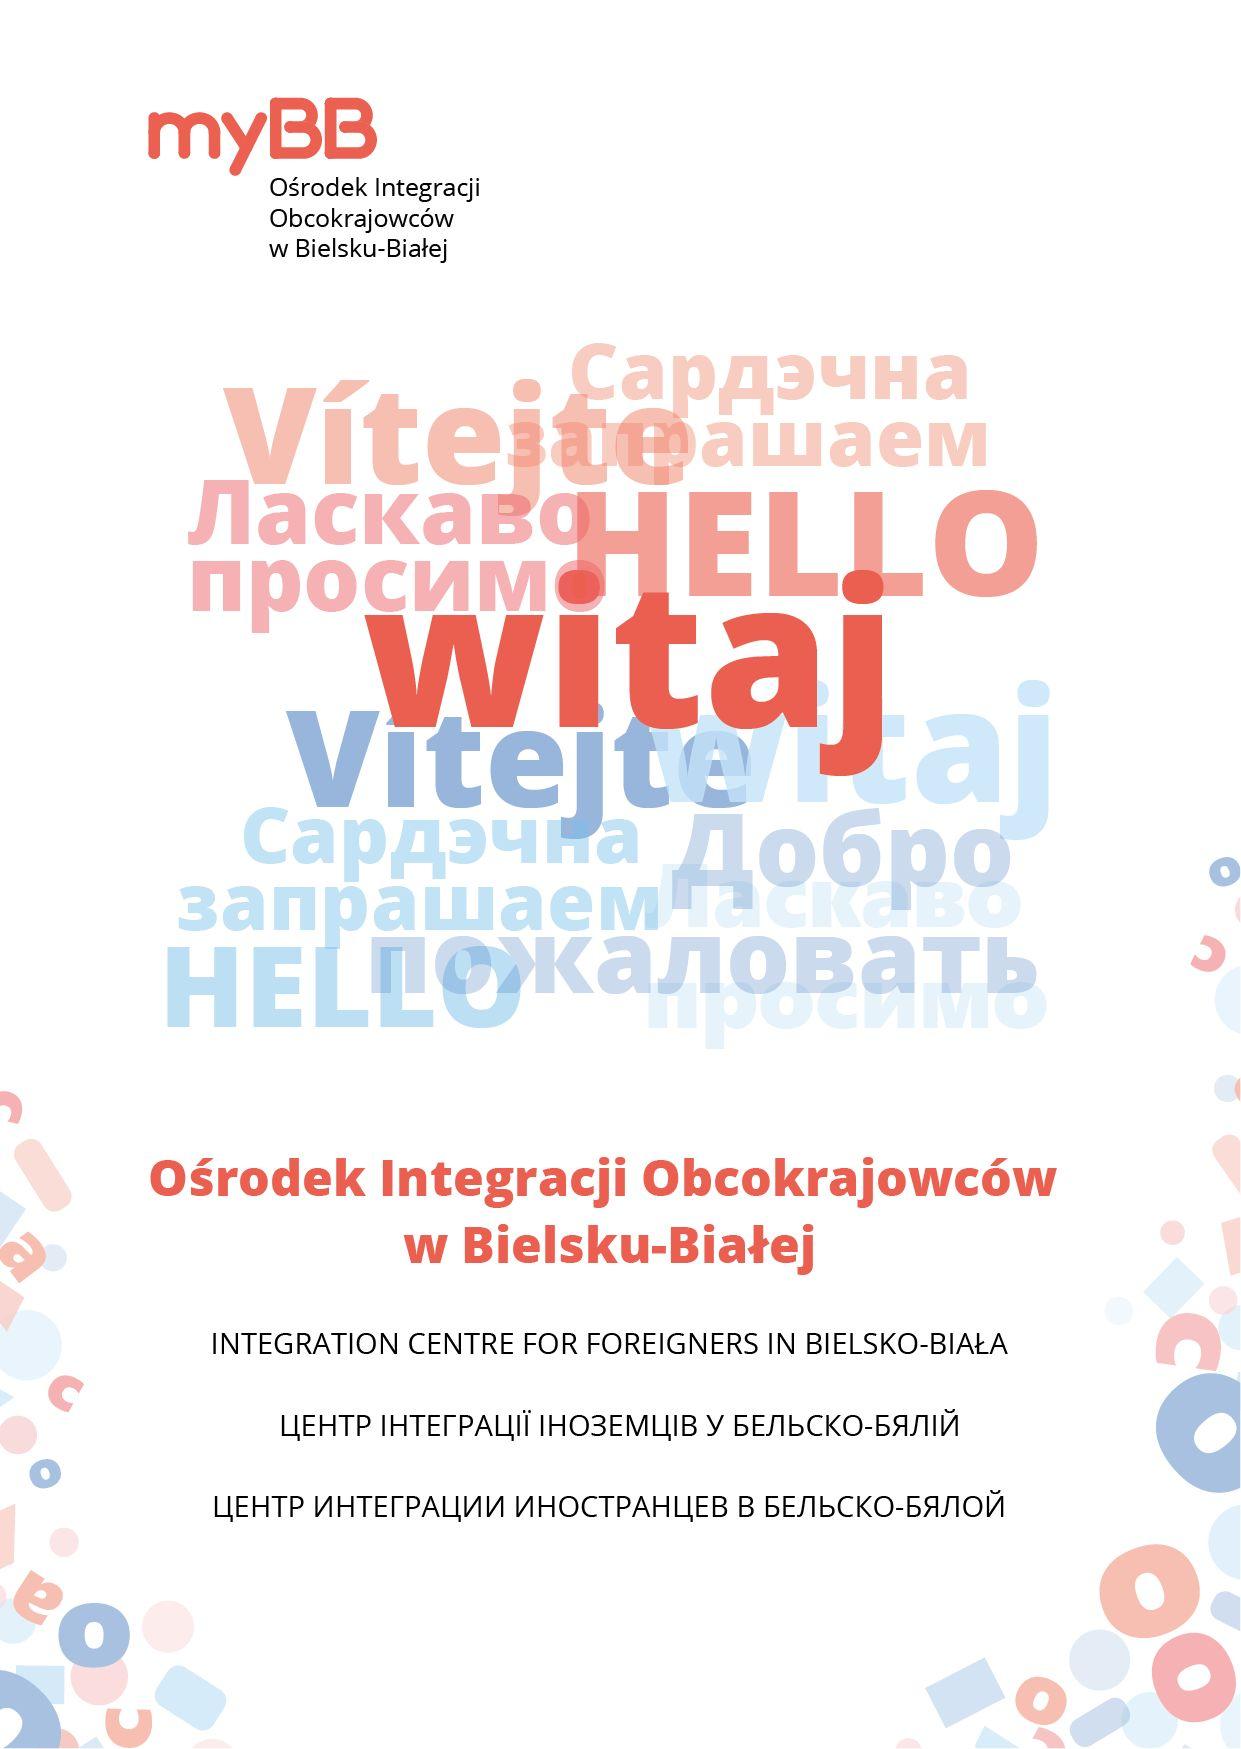 W Bielsku-Białej powstał ośrodek wsparcia dla obcokrajowców